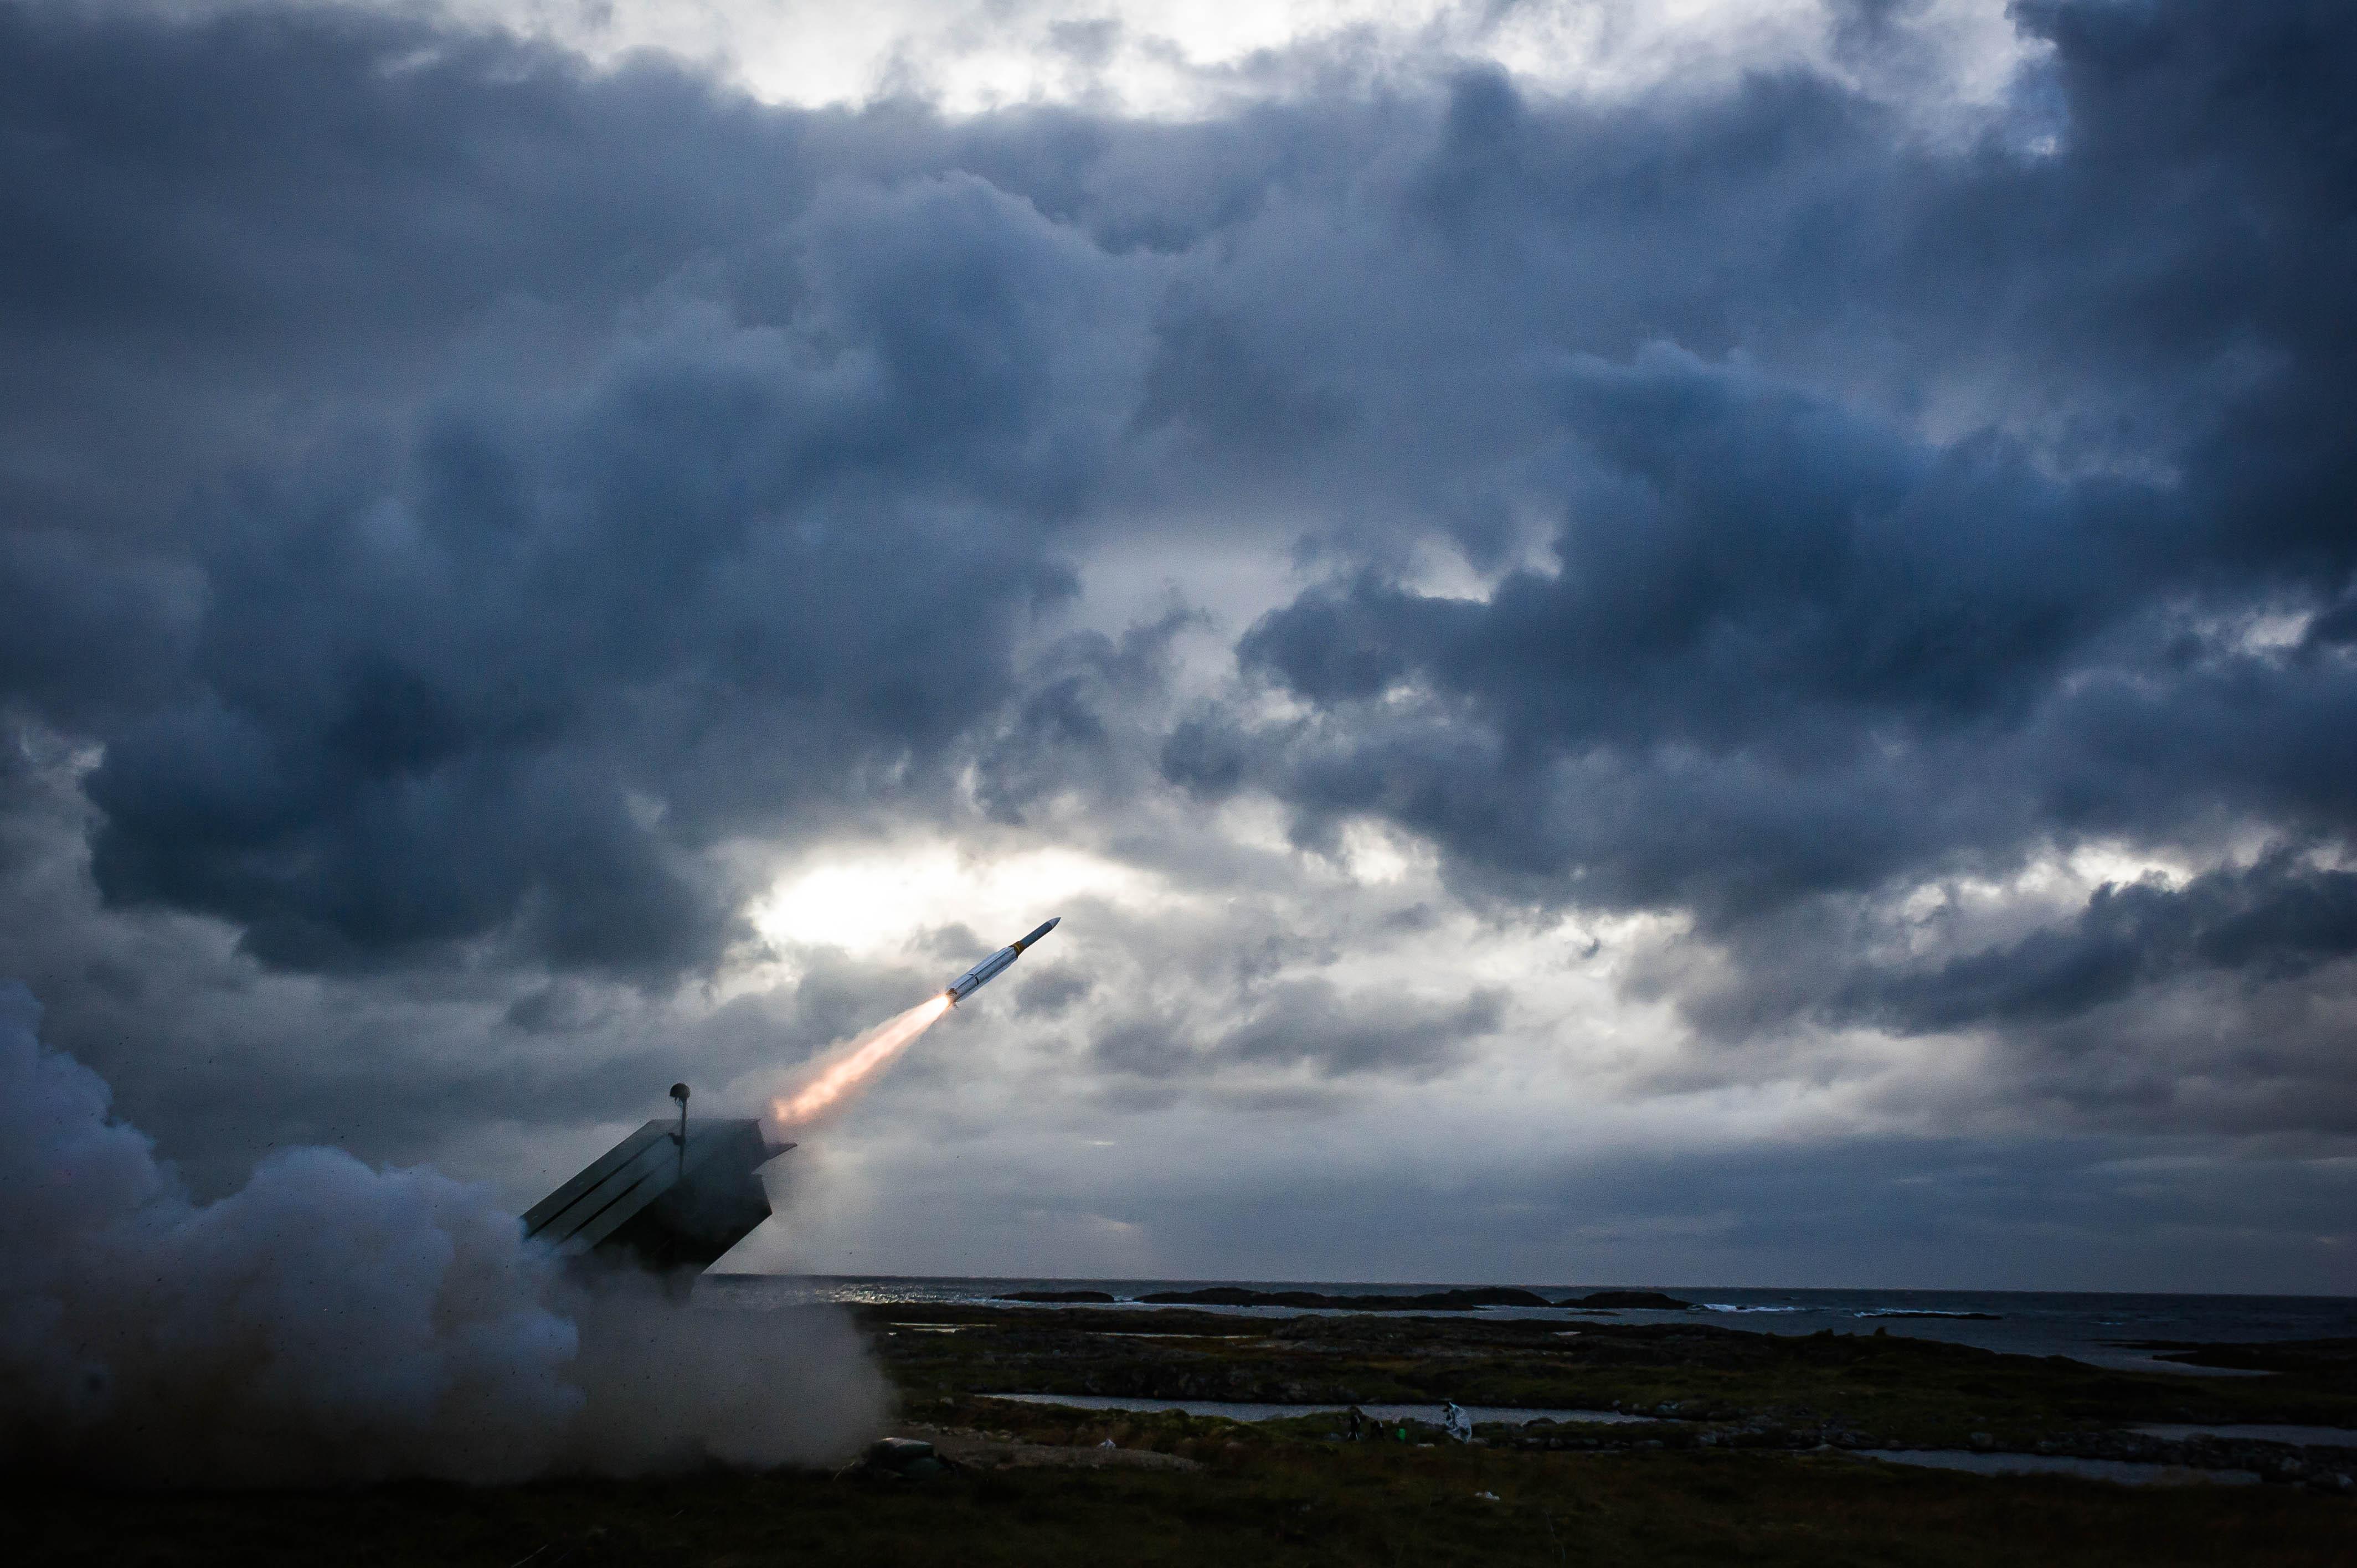 Raytheon's Extended Range AMRAAM Missile Destroys Target ...